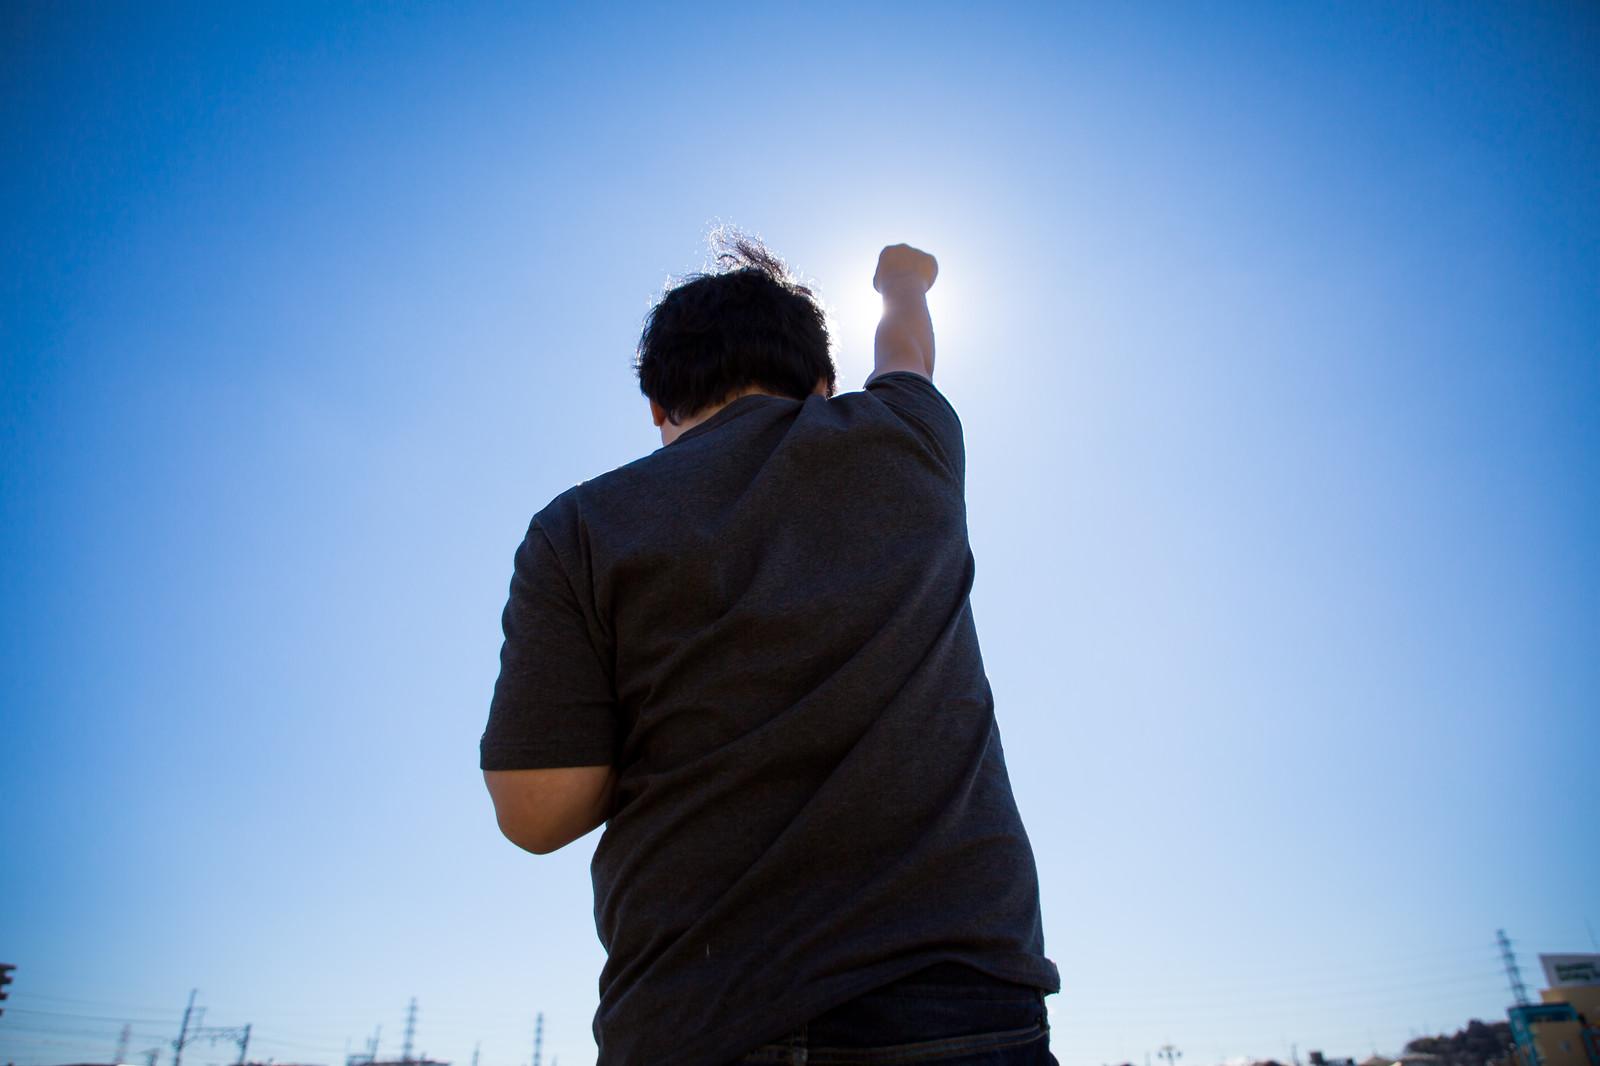 太陽に向かって拳をあげる男性の後ろ姿